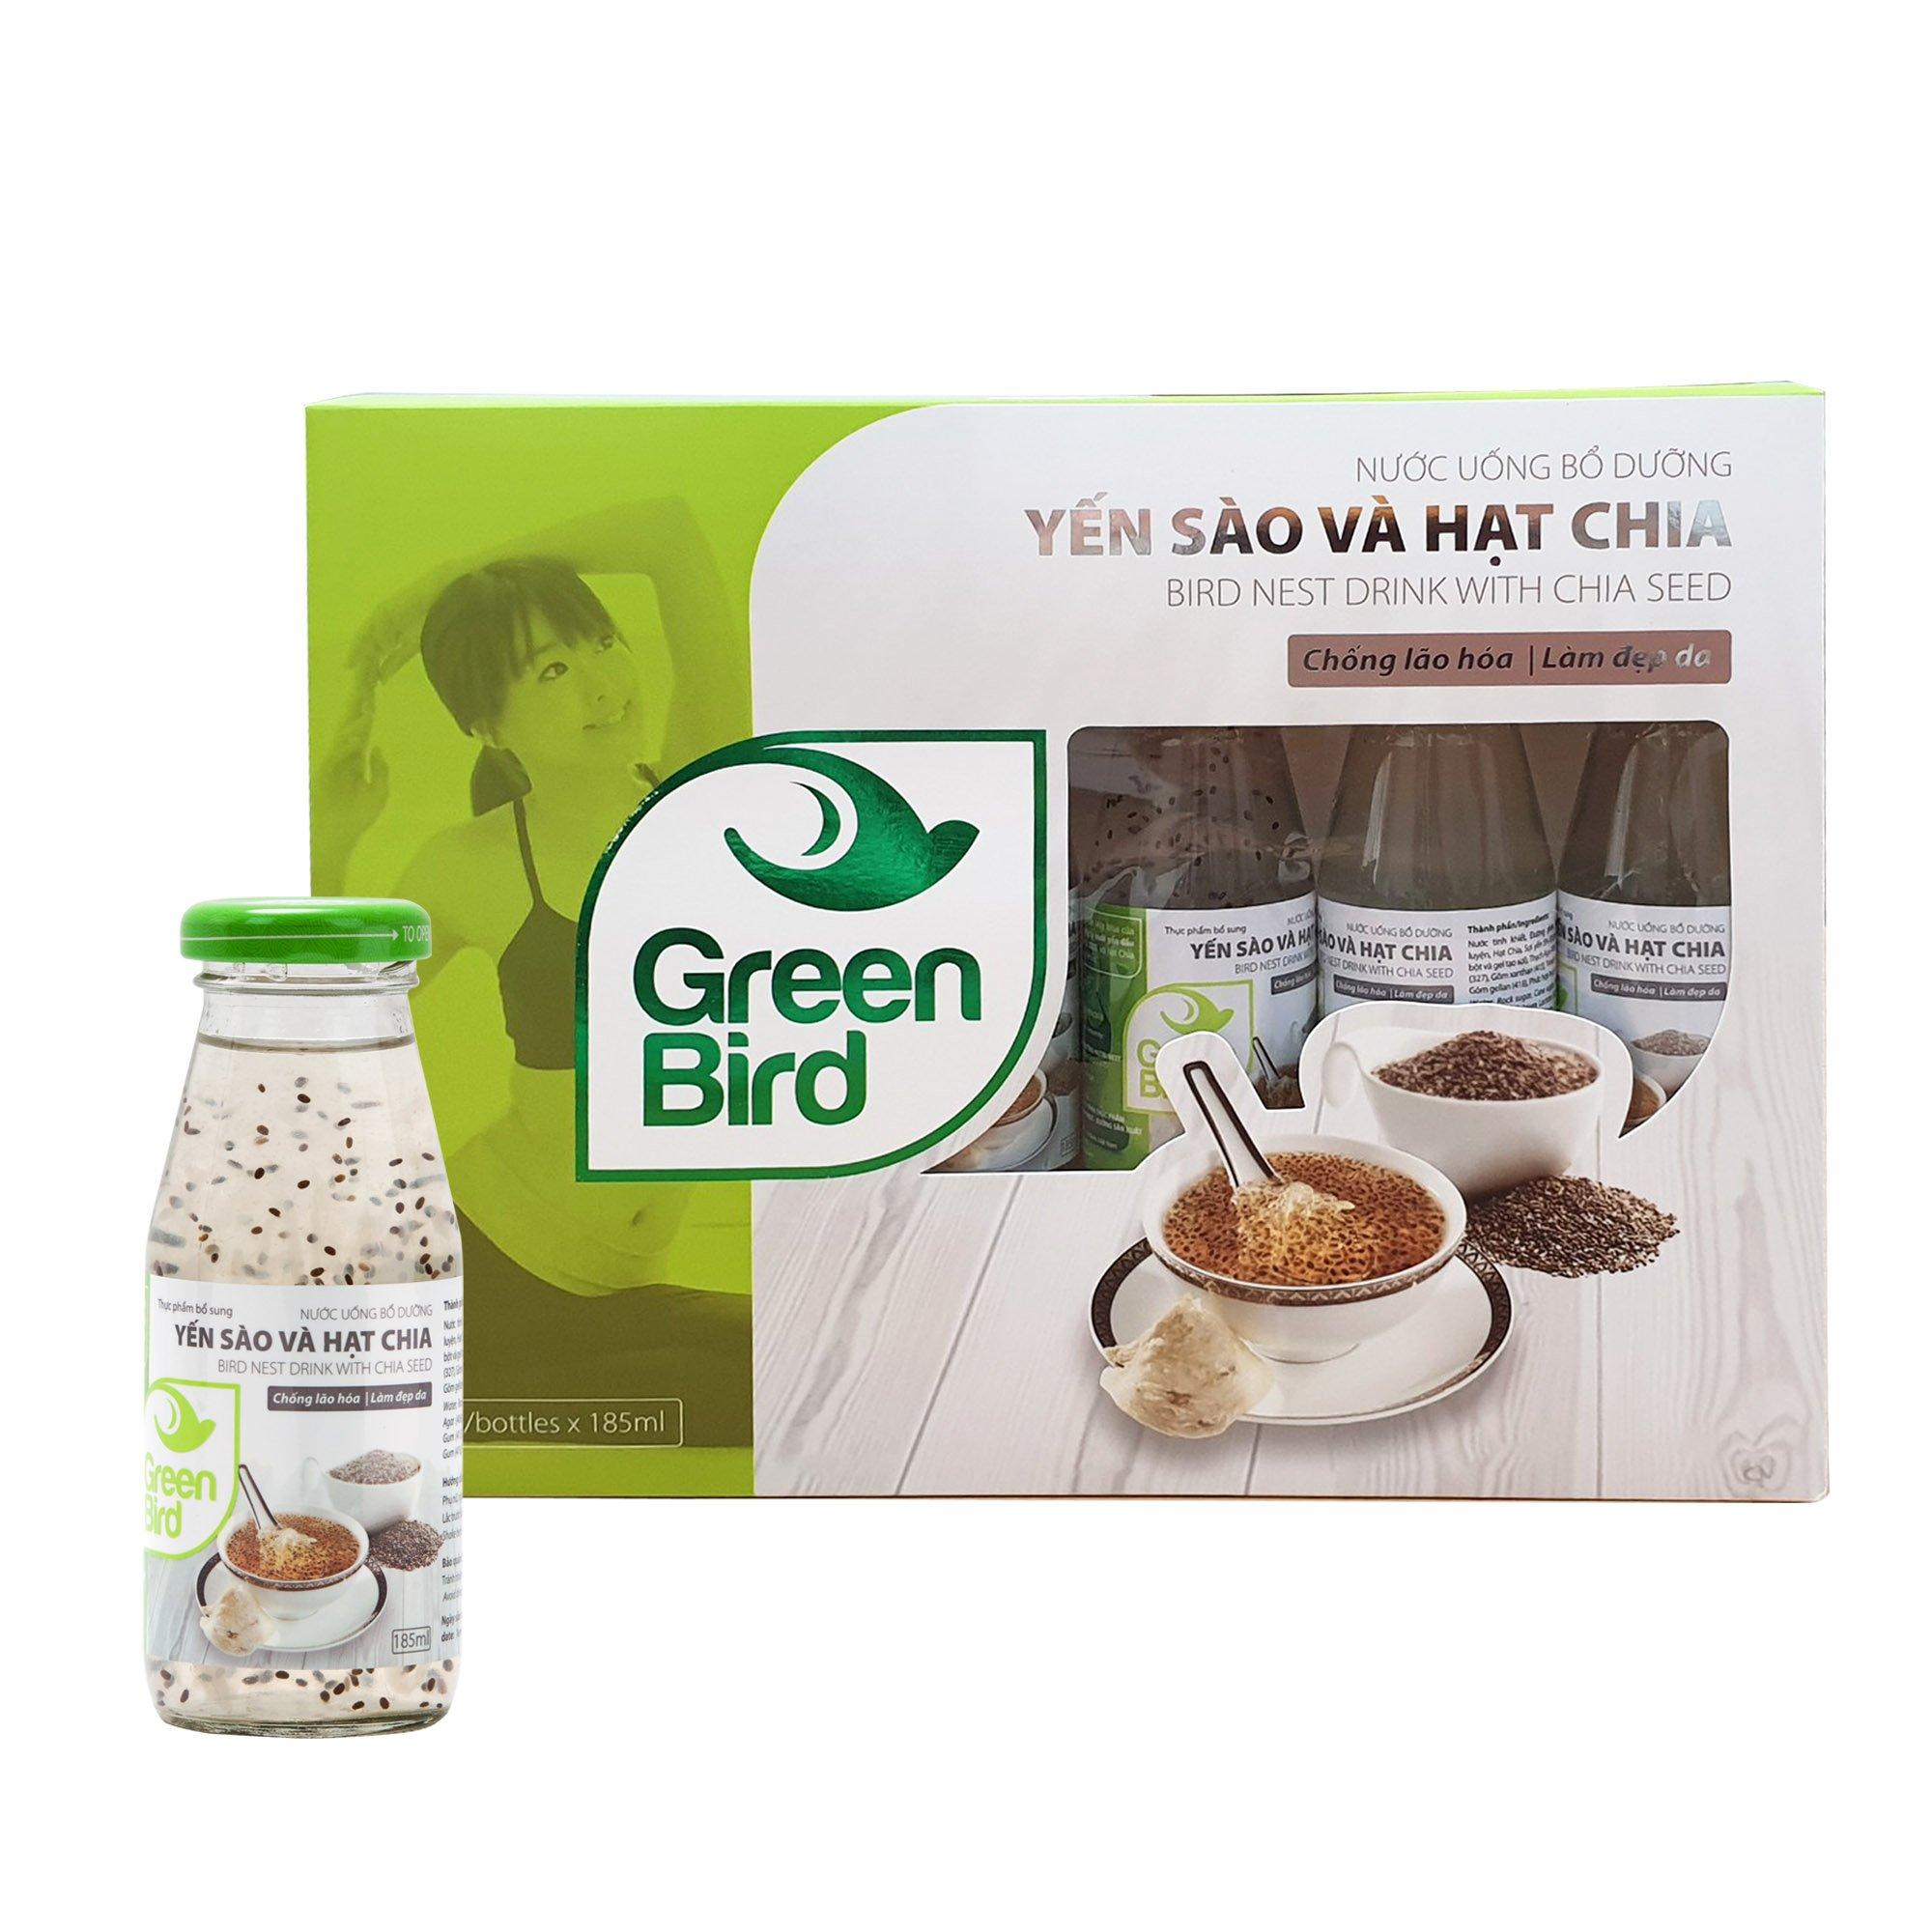 Hộp quà Green Bird - Nước Uống Bổ Dưỡng Yến Sào và Hạt Chia - (6 chai*185ml)